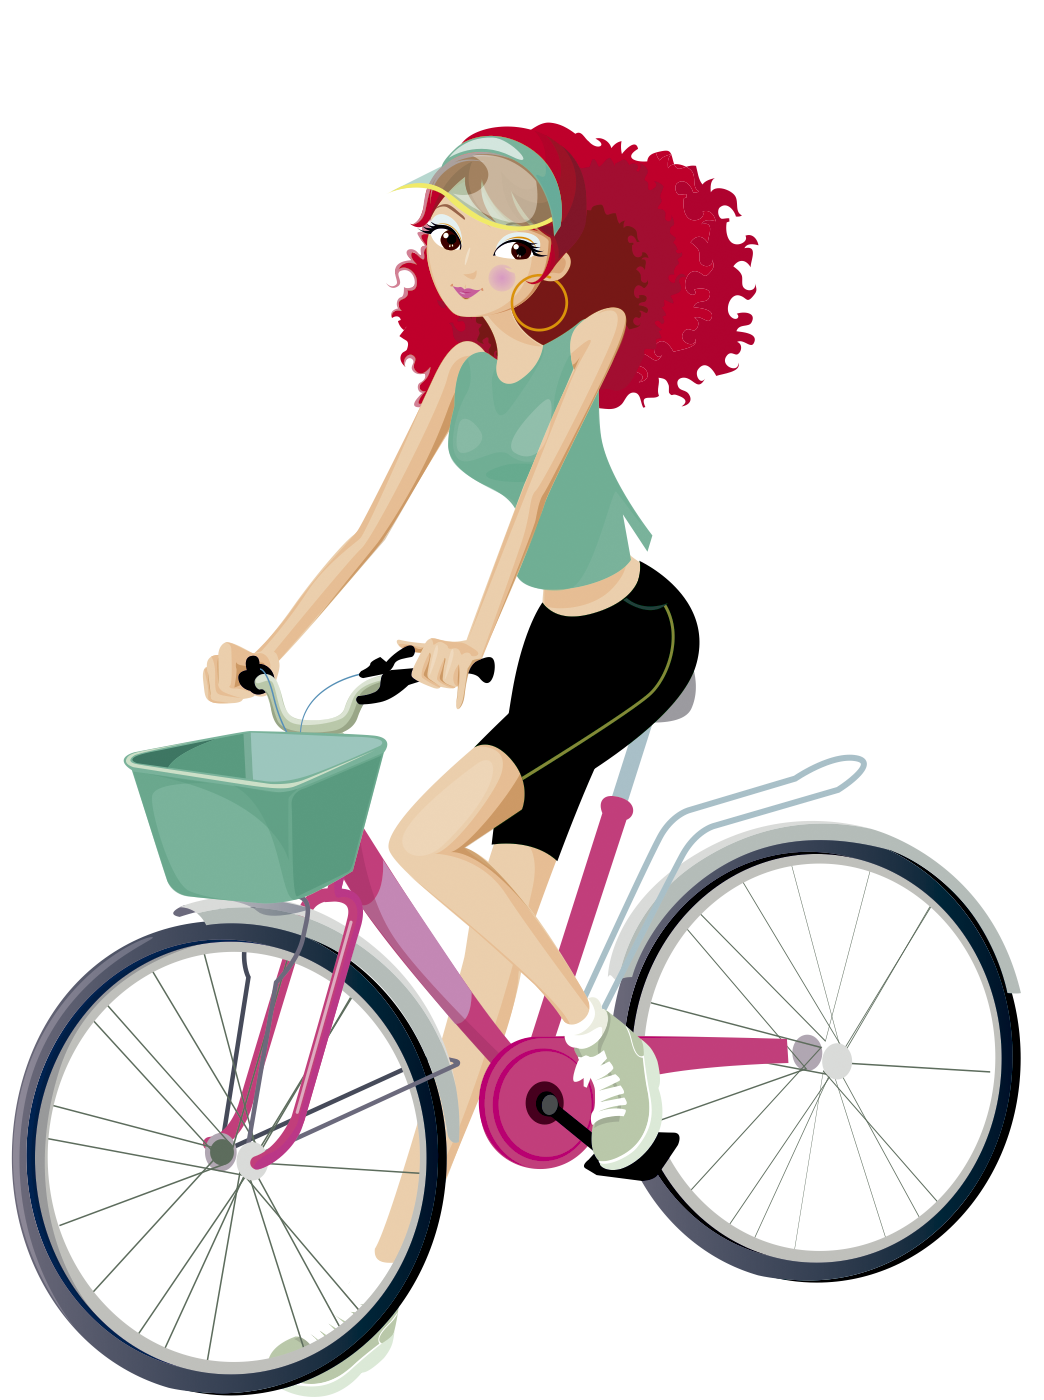 Mujer Pelirroja En Bicicleta Muñecas En Bicicletas Ilustración De Bicicleta Dibujos De Ciclismo